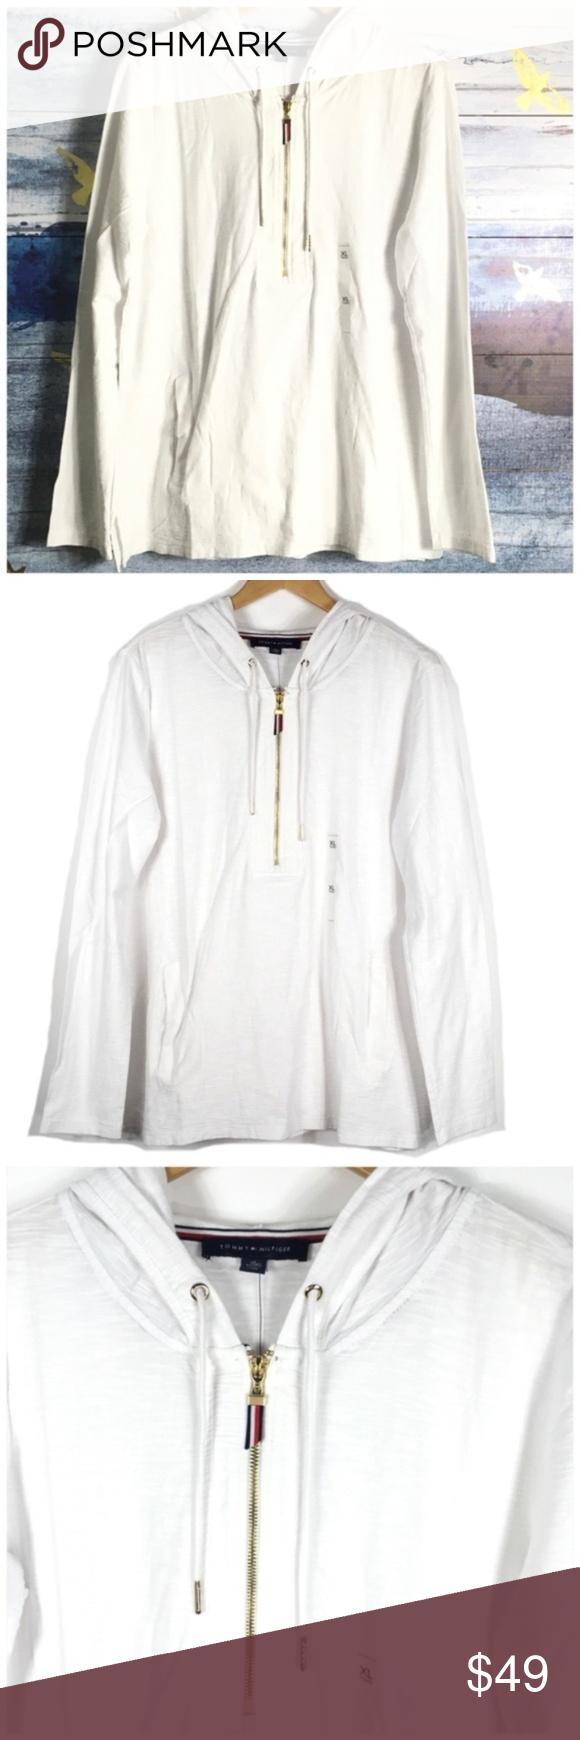 Tommy Hilfiger Half Zip White Hoodie Pullover XL NWT